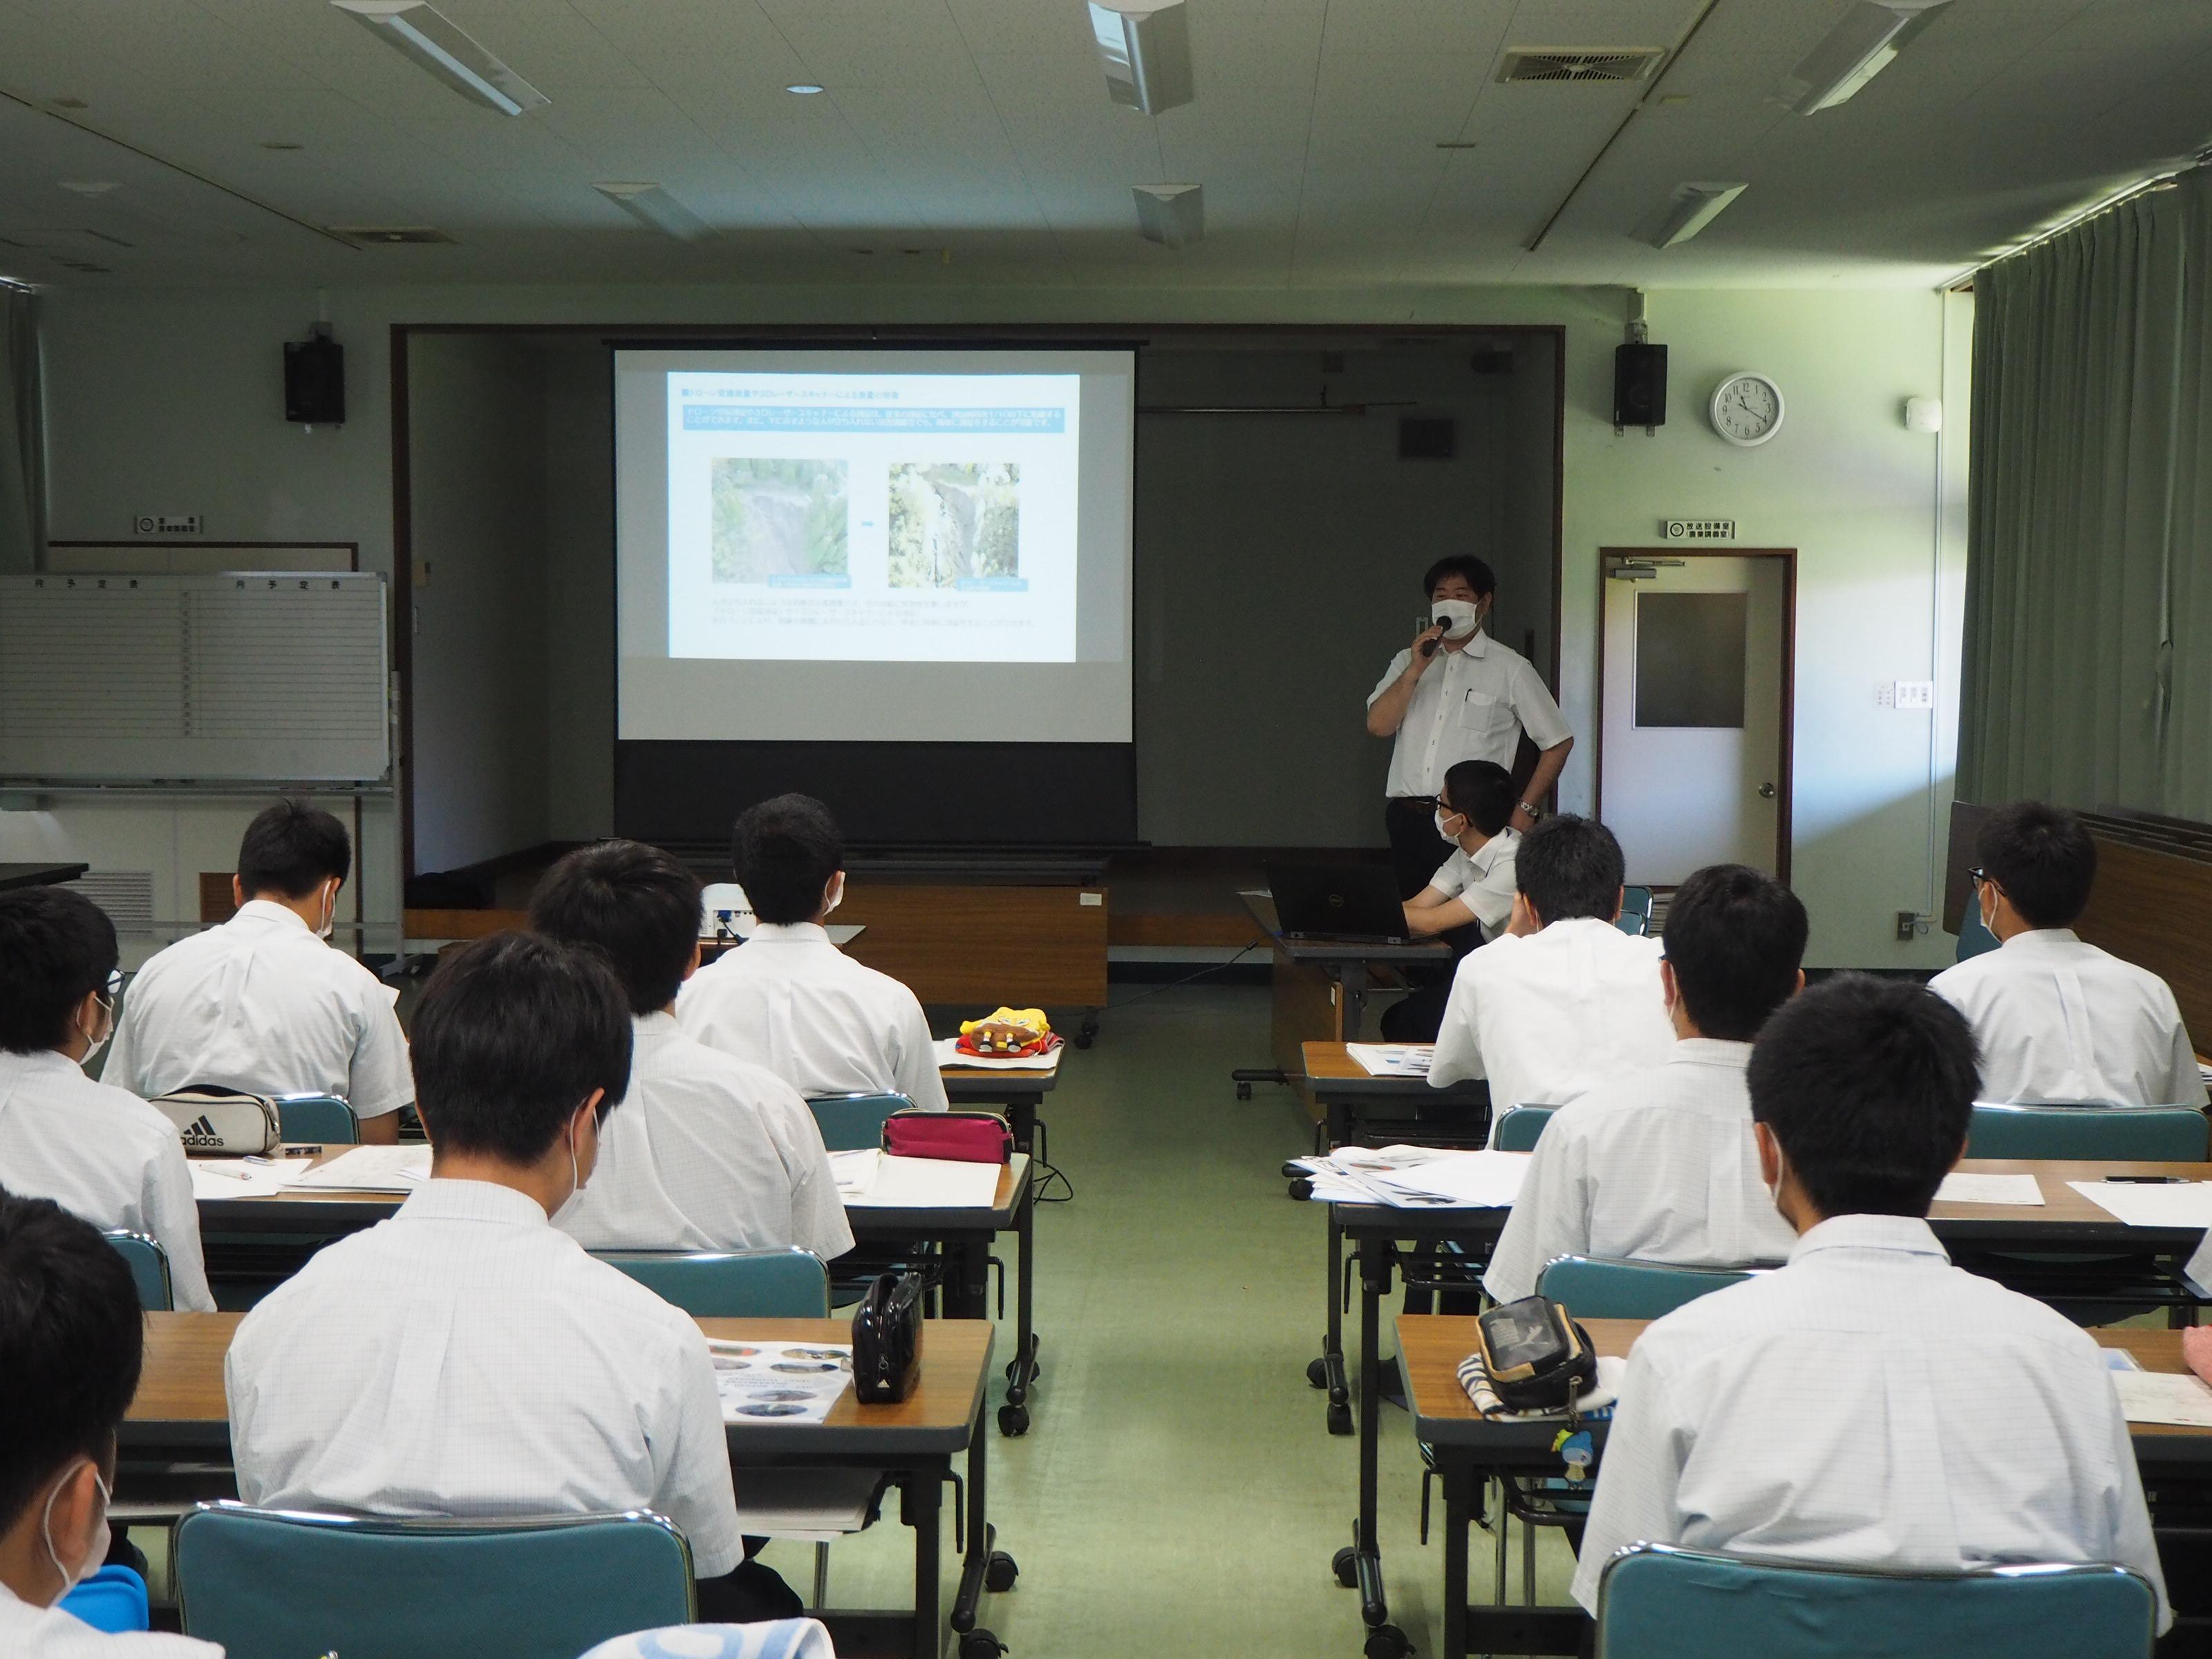 測量設計業協会主催 鶴翔高等学校 企業ガイダンス及び出前講座